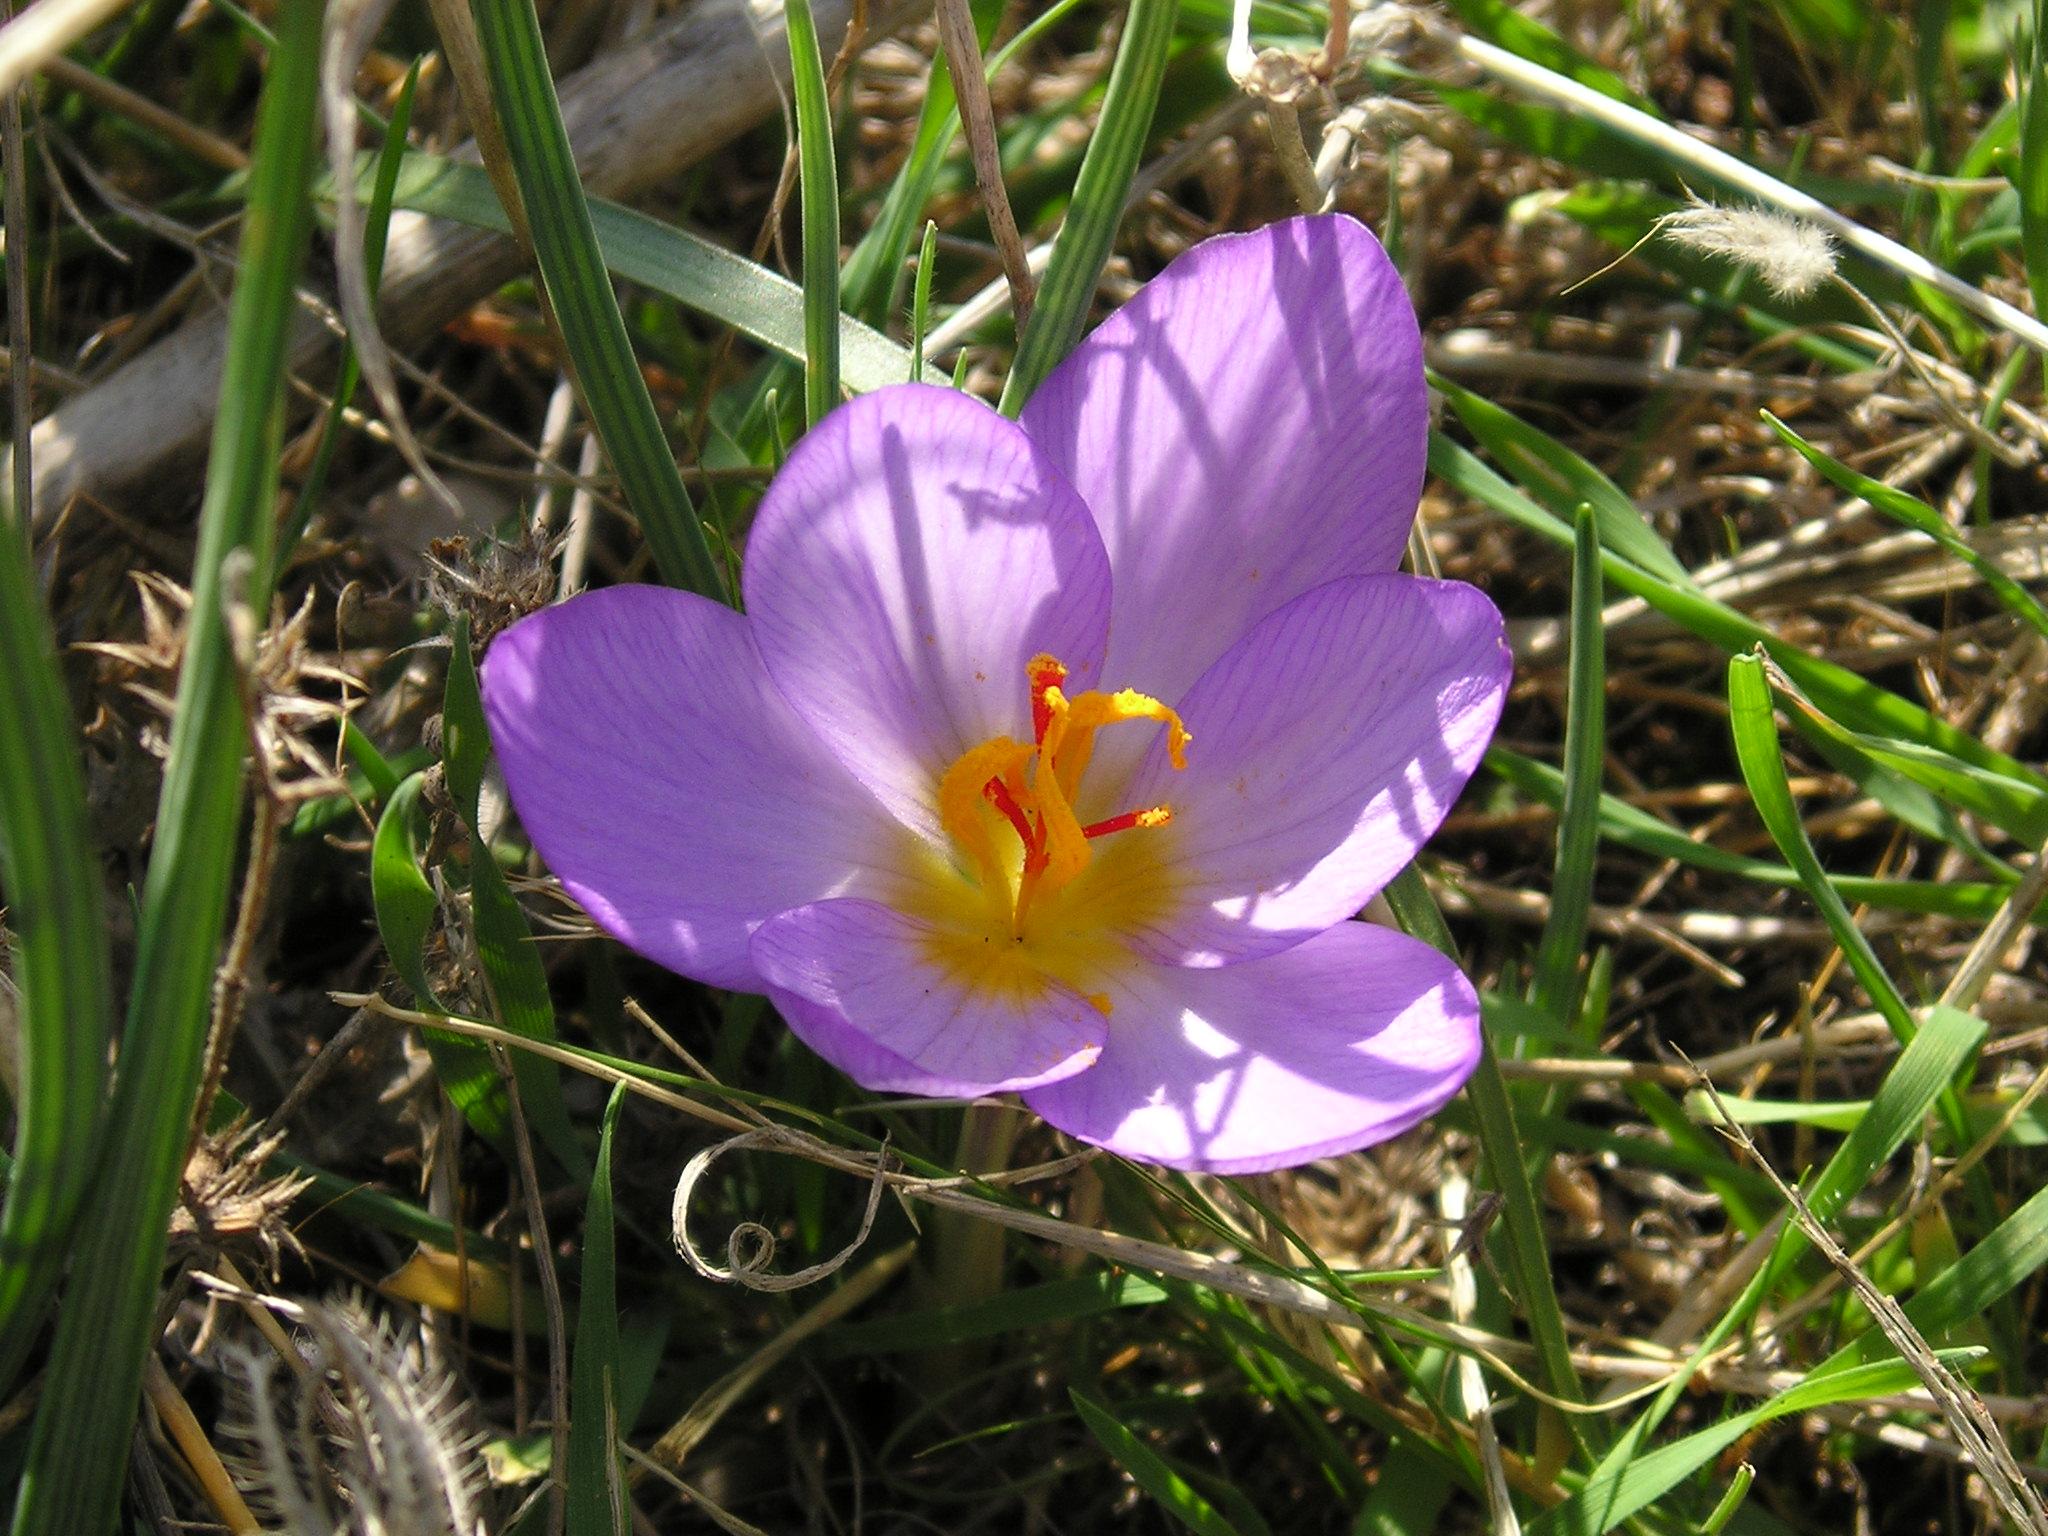 Due coniugi raccolgono erba velenosa credendo sia zafferano, muoiono entrambi